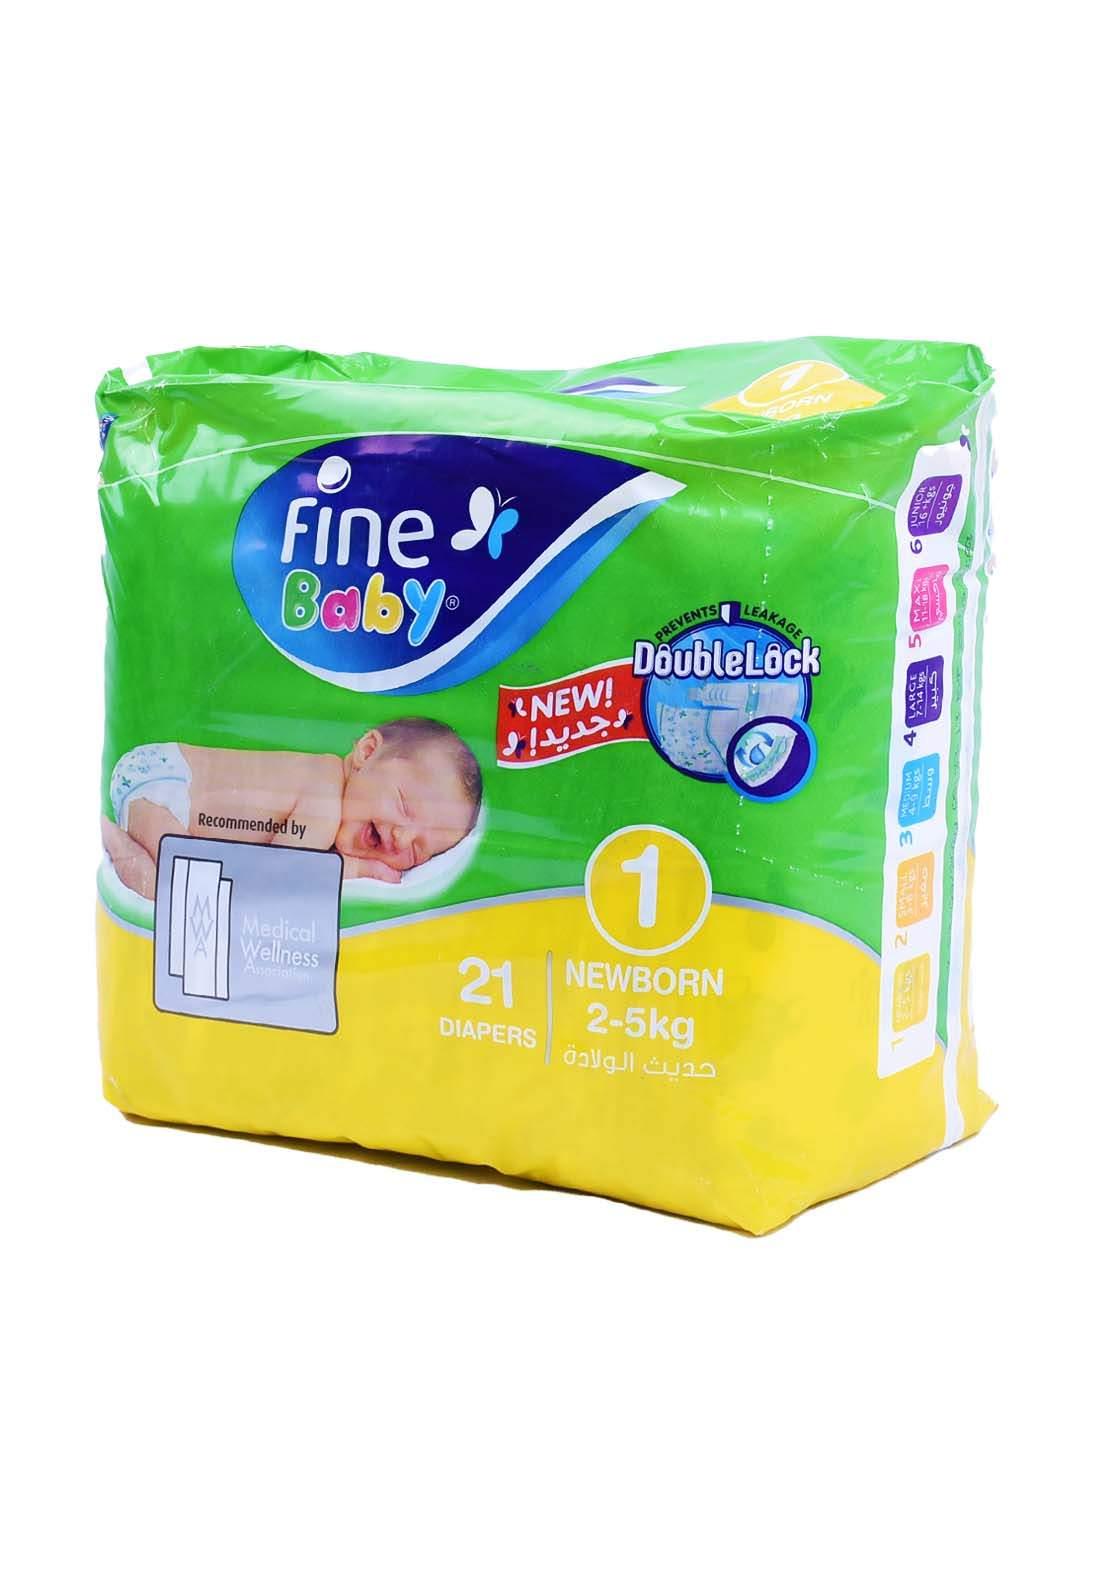 Fine Baby 2-5 Kg 21Pcs حفاضات فاين بيبي للاطفال عادي رقم 1